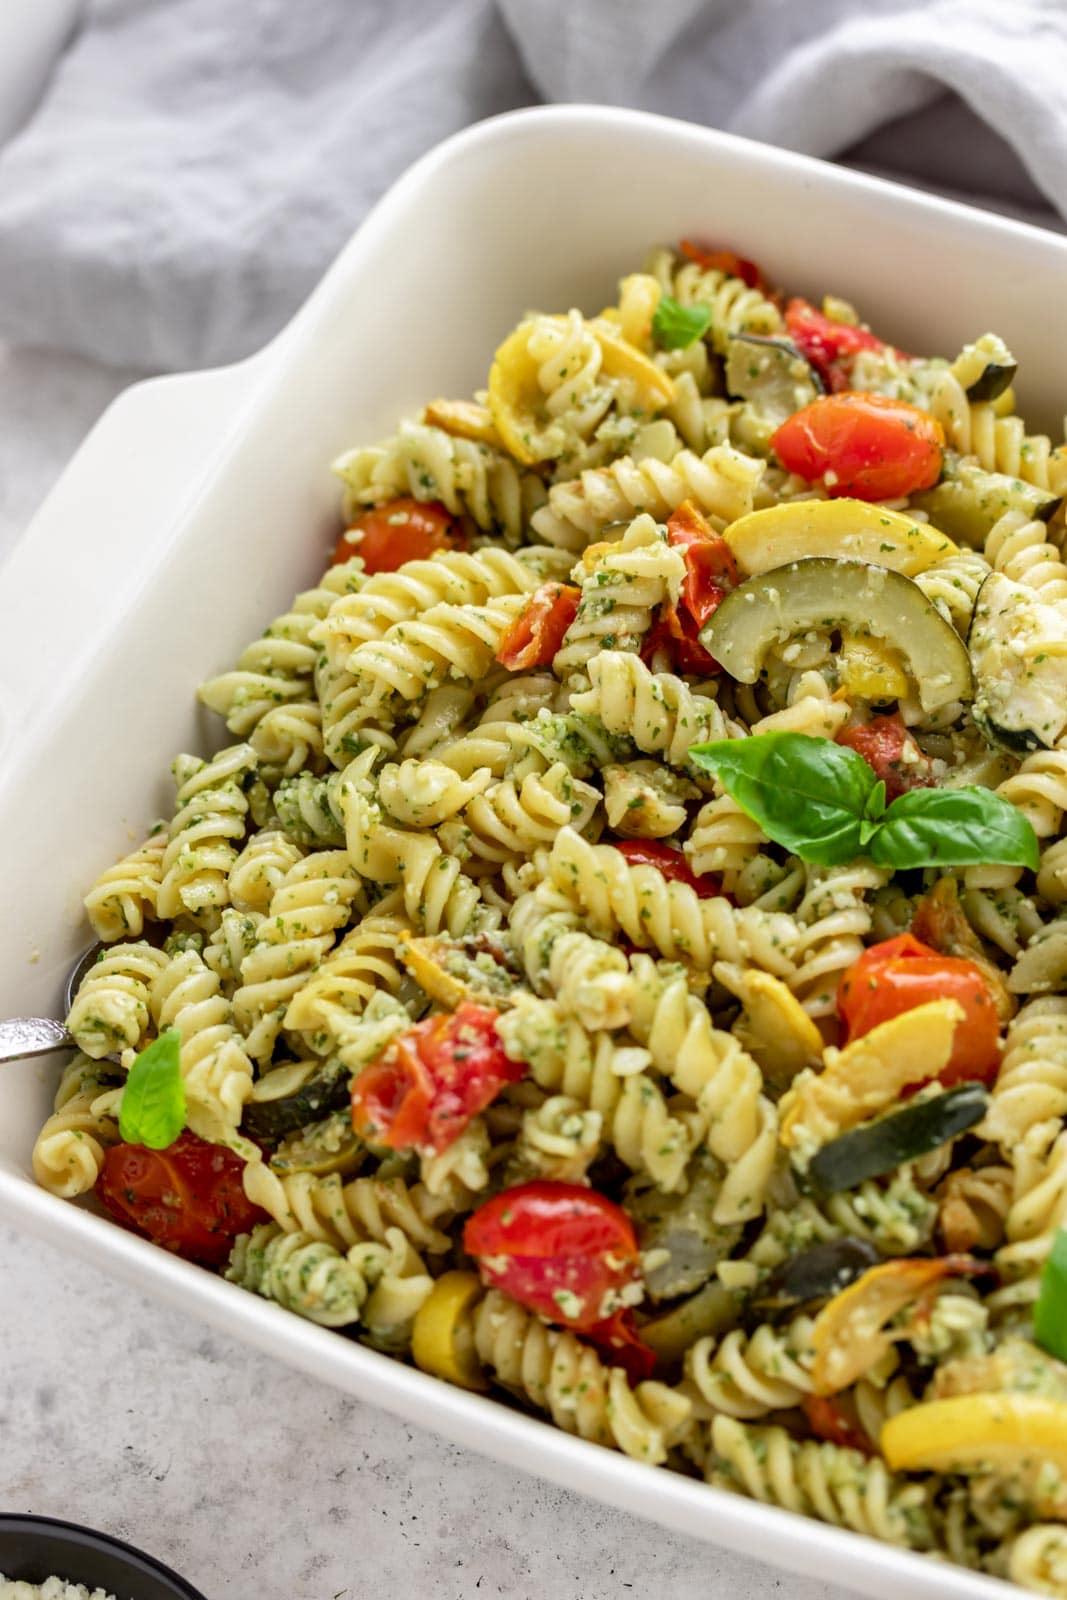 basil leaves garnishing pasta